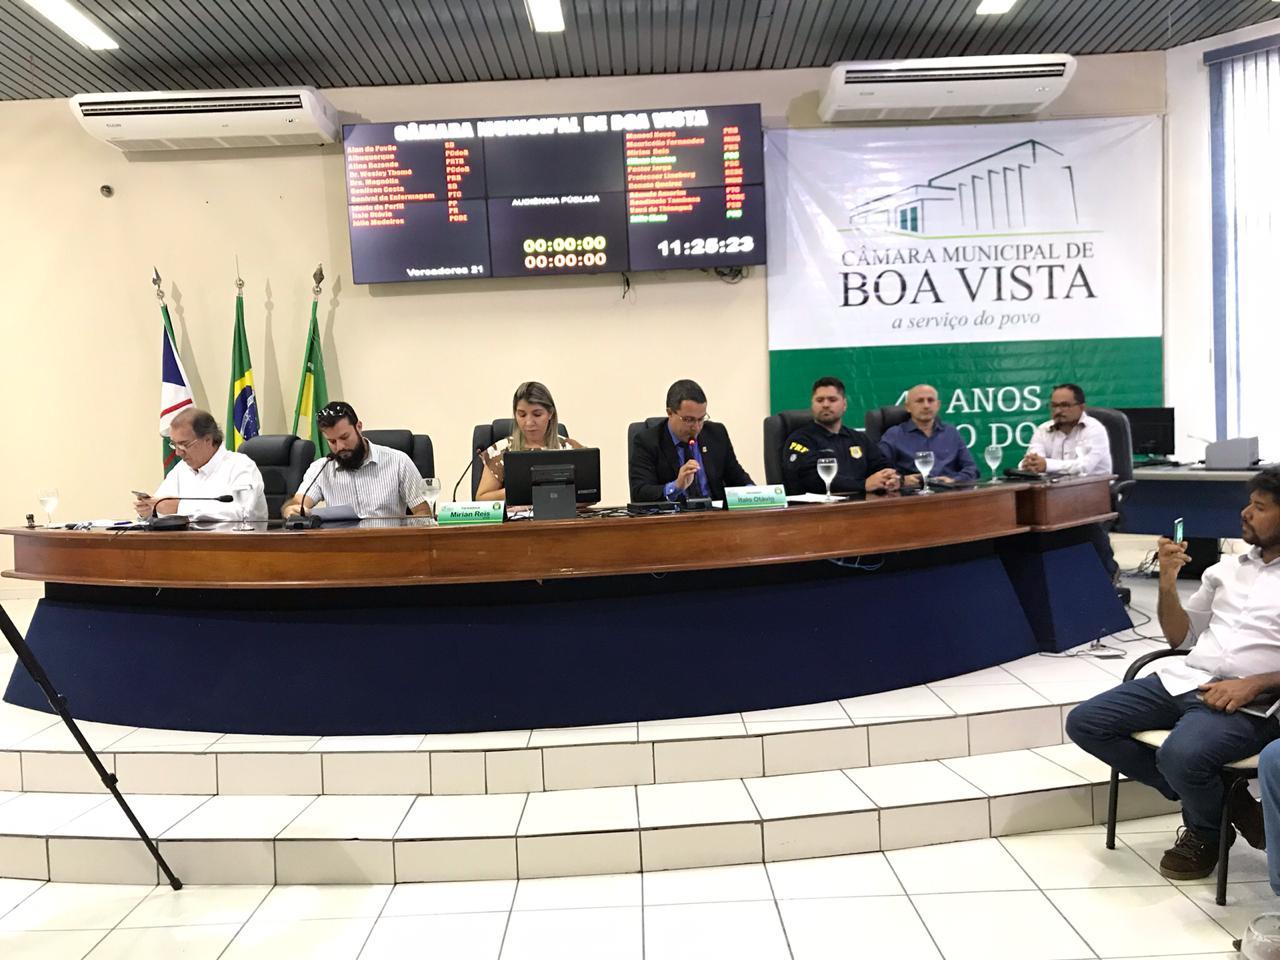 Audiência debate   regulamentação do horário de carga e descarga de mercadorias em Boa Vista